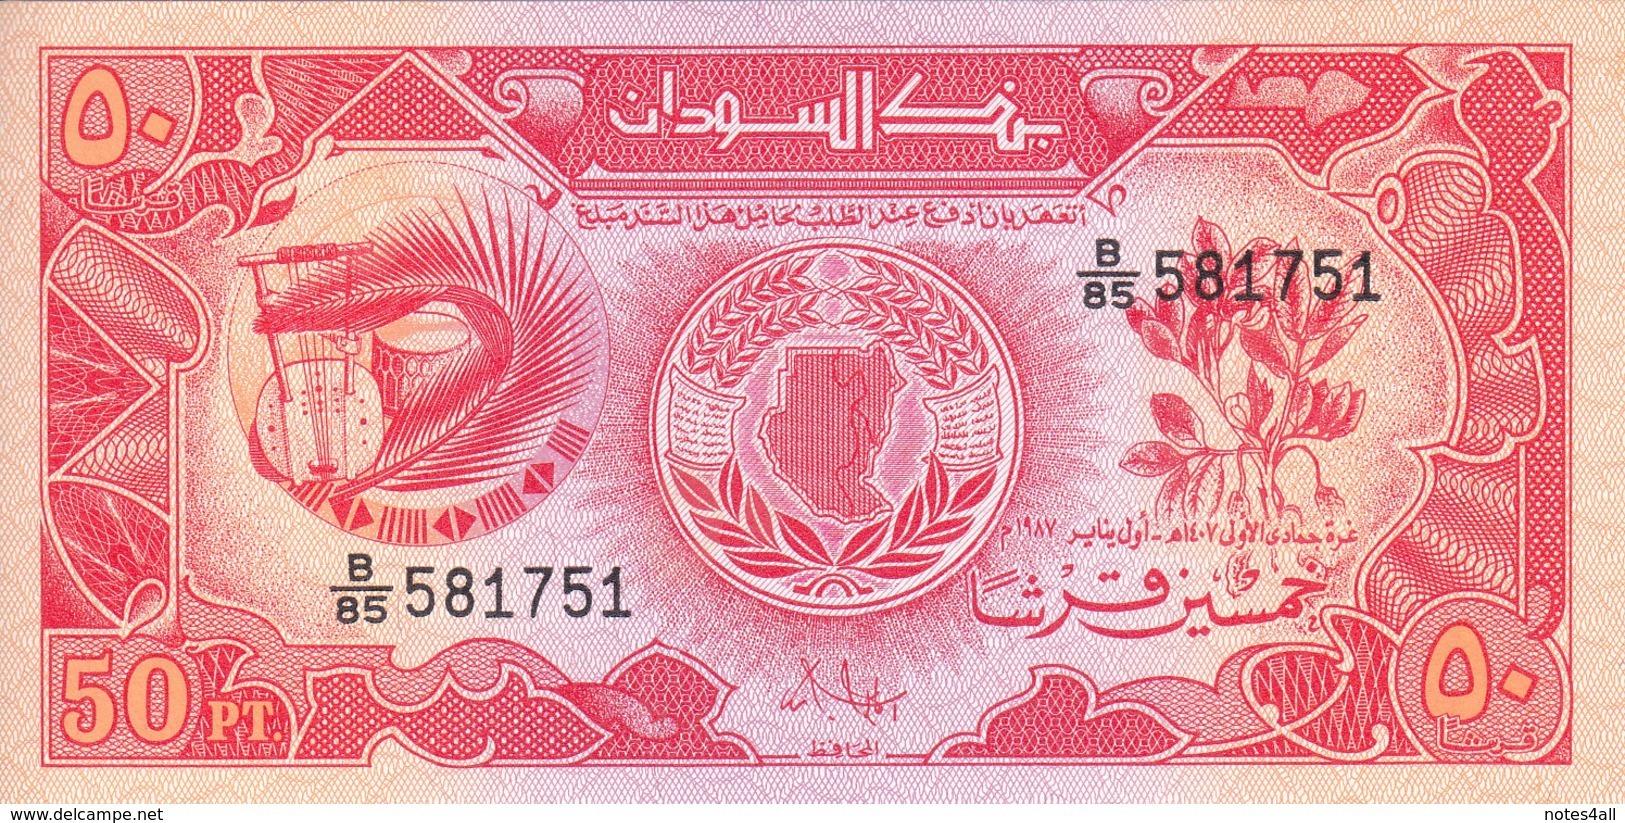 SUDAN 50 Piastres 1987 P-38 LOT X5 UNC NOTES */* - Sudan